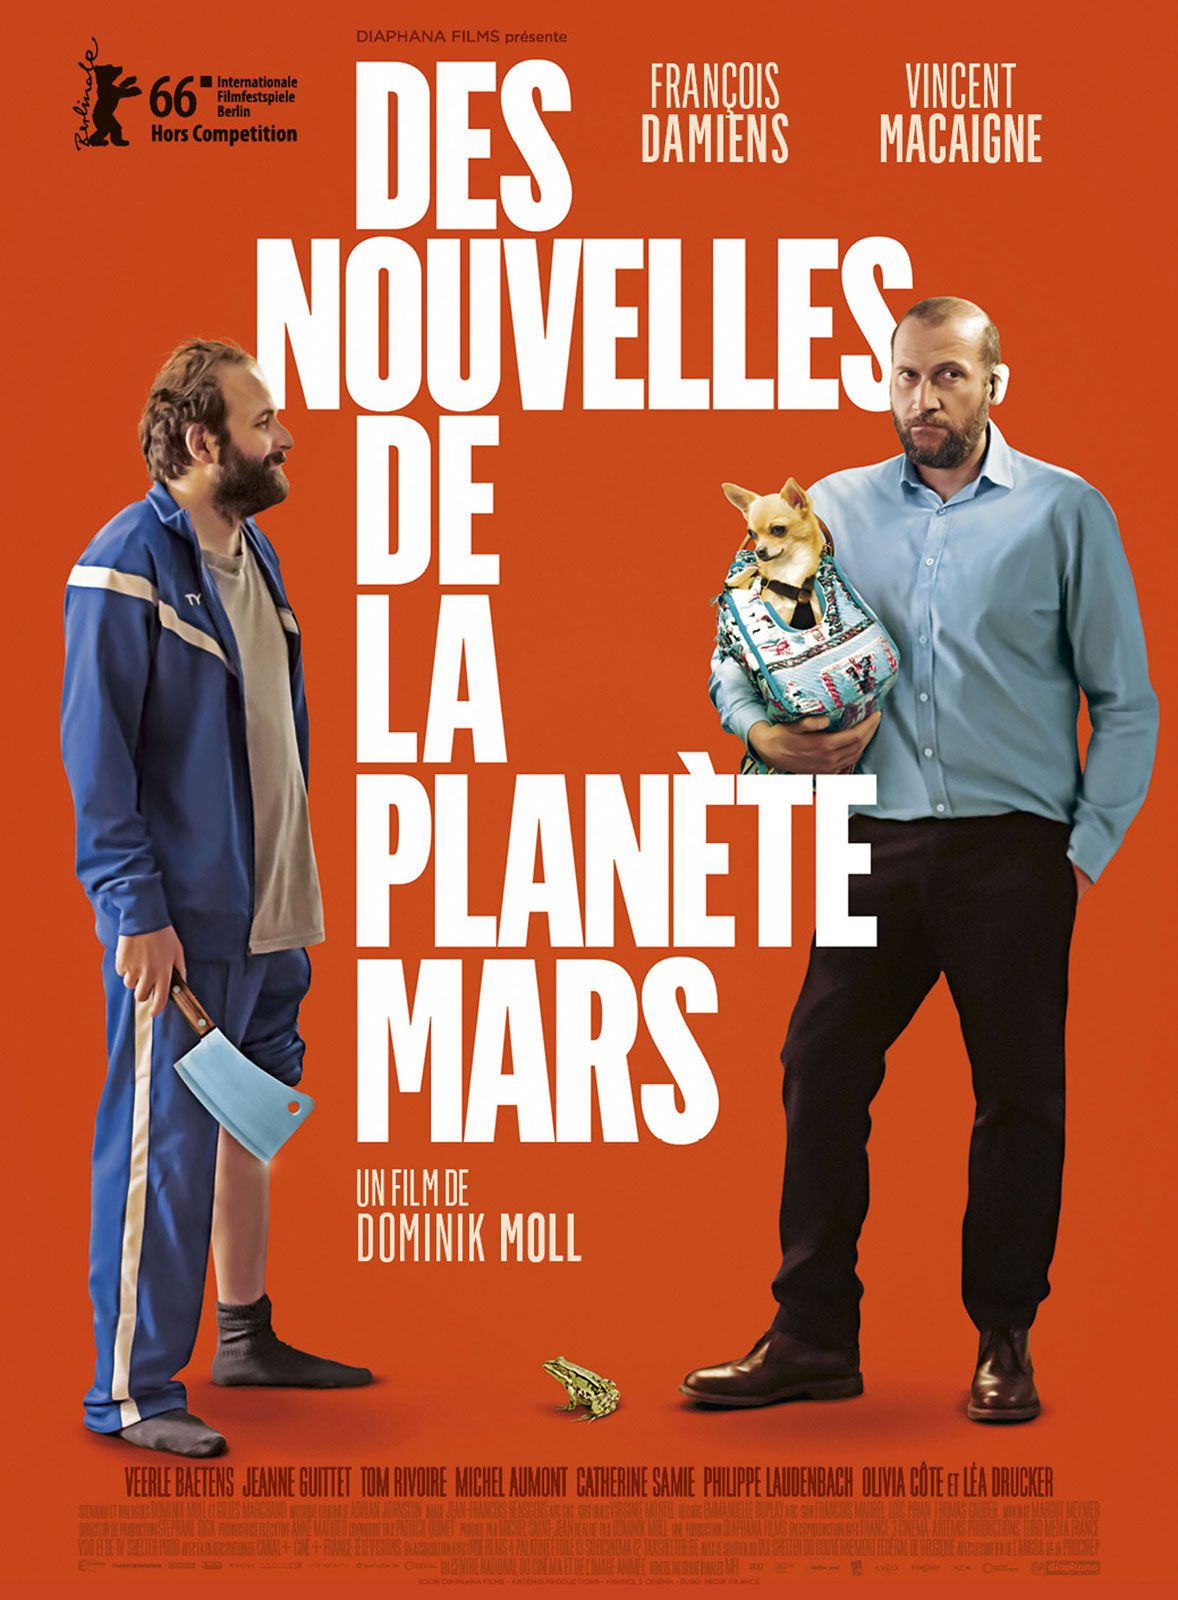 Des nouvelles de la planète Mars - Film (2016)